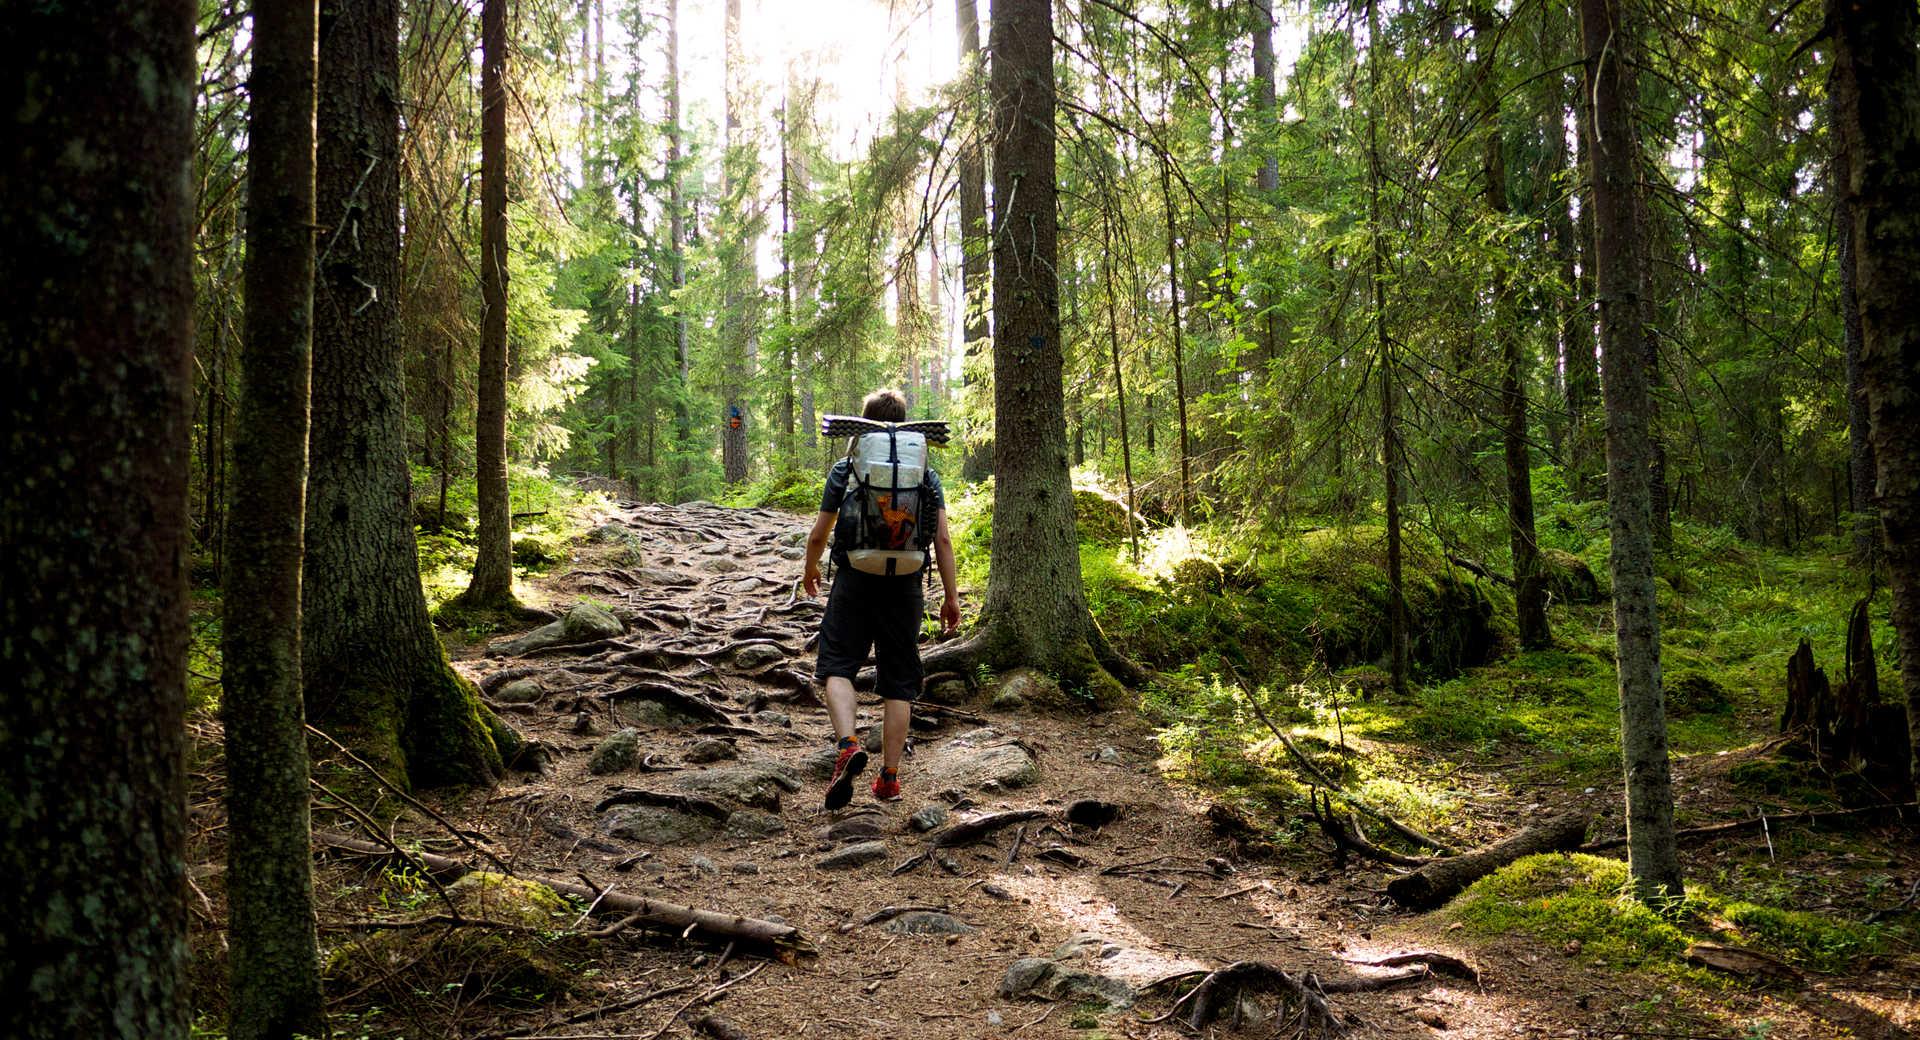 Randonnée dans les forêts de Finlande l'été